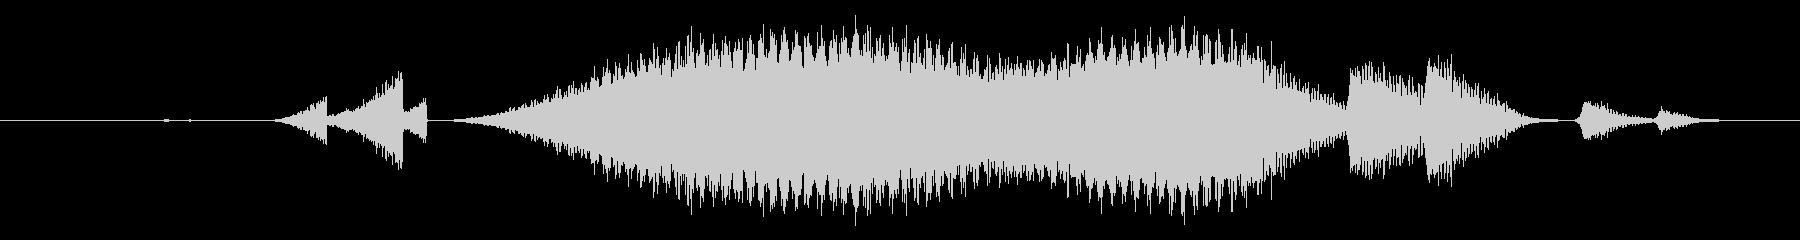 特撮 うねり確認05の未再生の波形